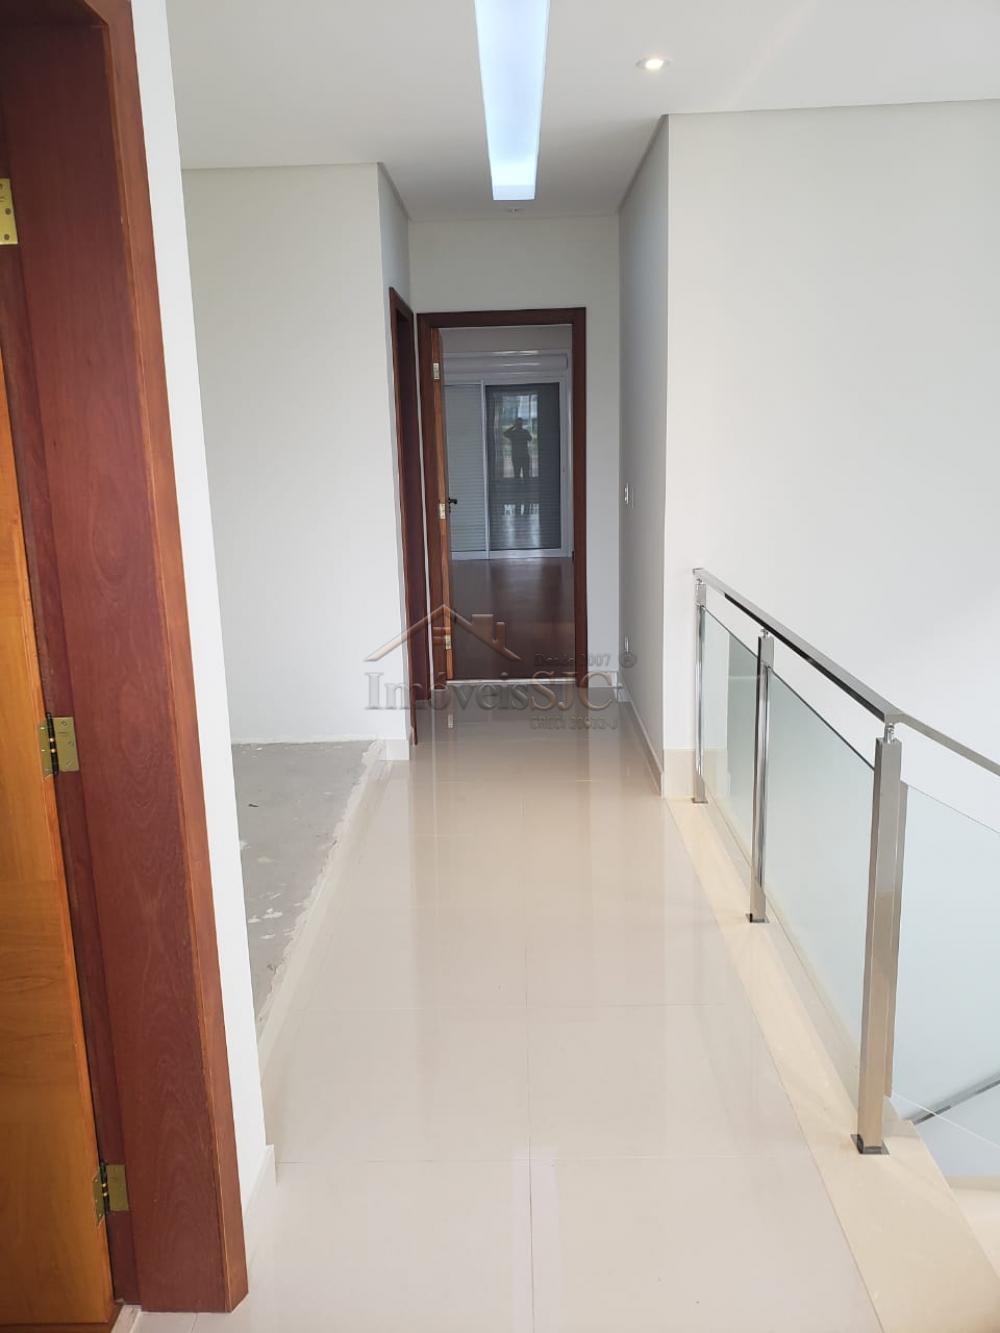 Comprar Casas / Condomínio em São José dos Campos apenas R$ 2.200.000,00 - Foto 9